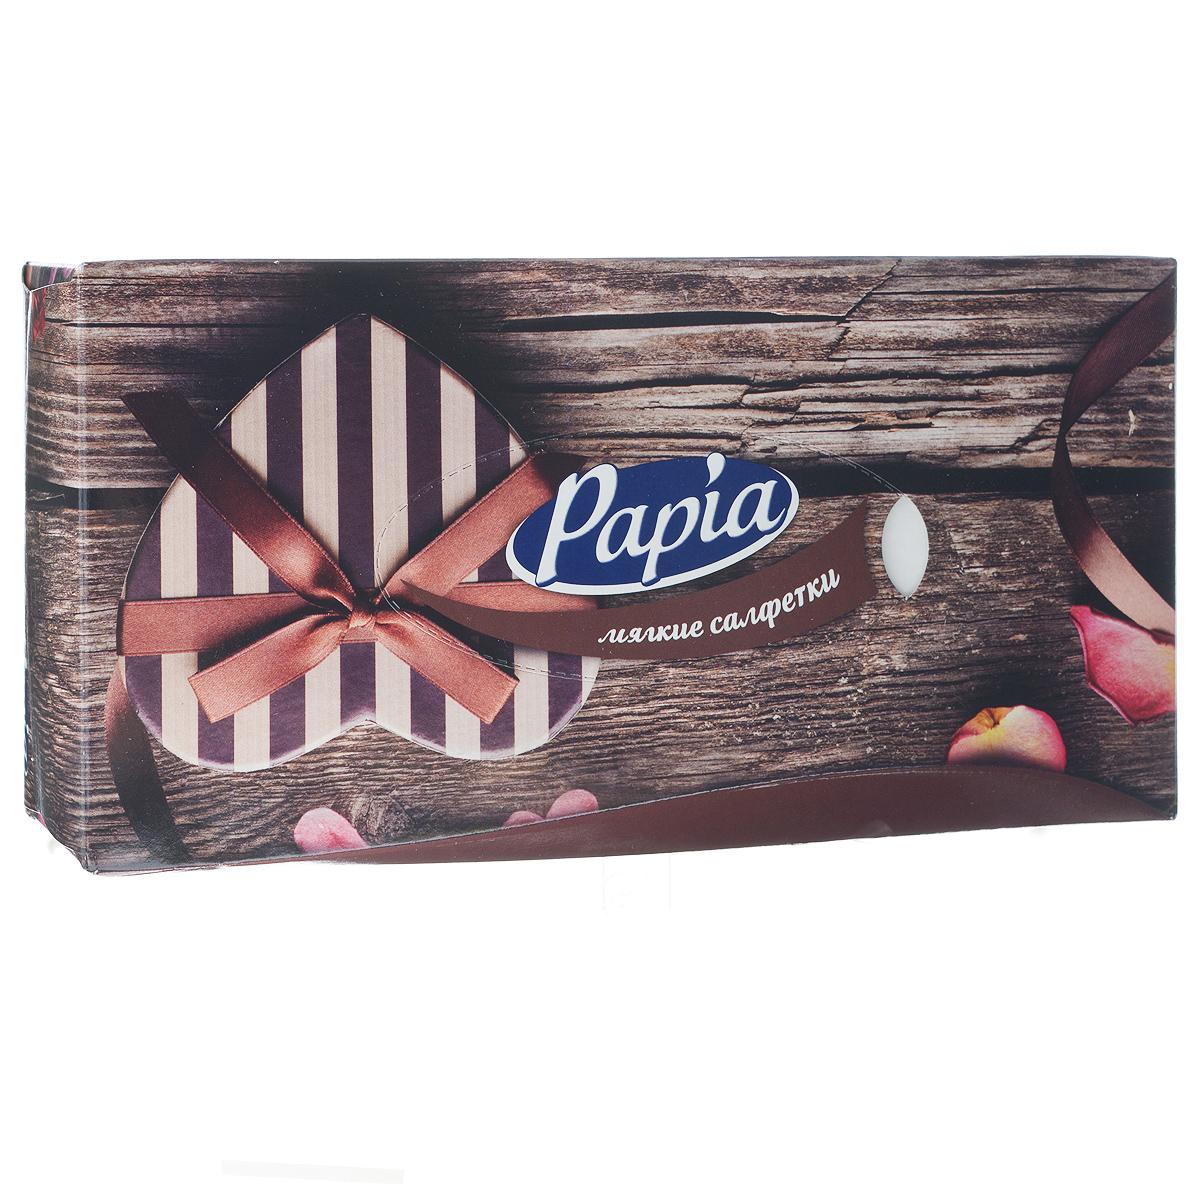 Салфетки бумажные Papia, трехслойные, цвет: коричневый, 21 x 21 см, 80 шт15309_коричневый (LOVE)Трехслойные салфетки Papia выполнены из 100% целлюлозы. Салфетки подходят для косметического, санитарно-гигиенического и хозяйственного назначения. Нежные и мягкие, они удивят вас не только своим высоким качеством, но и внешним видом. Изделия упакованы в коробку, поэтому их удобно использовать дома или взять с собой в офис или машину. Размер салфеток: 21 см х 21 см.